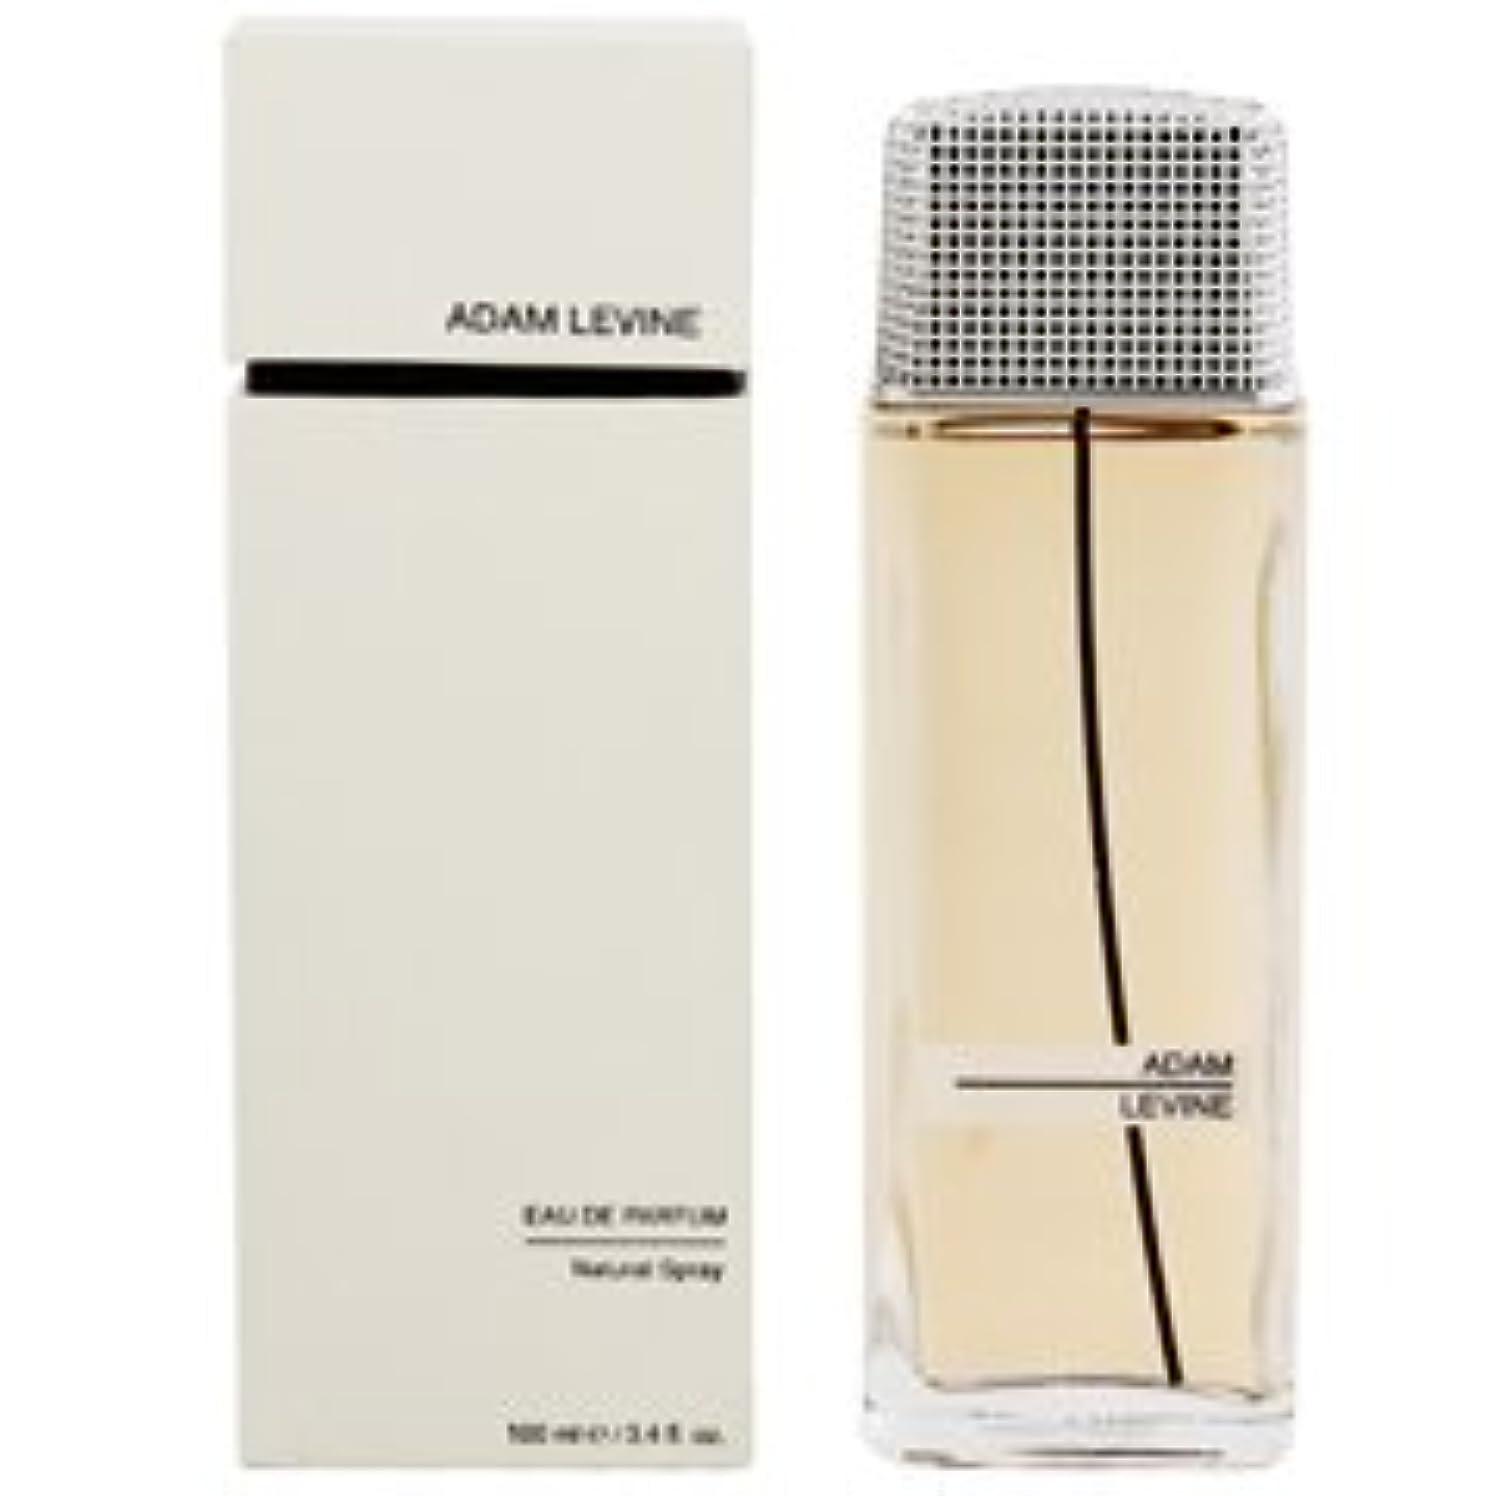 日光包括的肥満Adam Levine (アダム レヴィーン) 3.4 oz (100ml) EDP Spray for Women